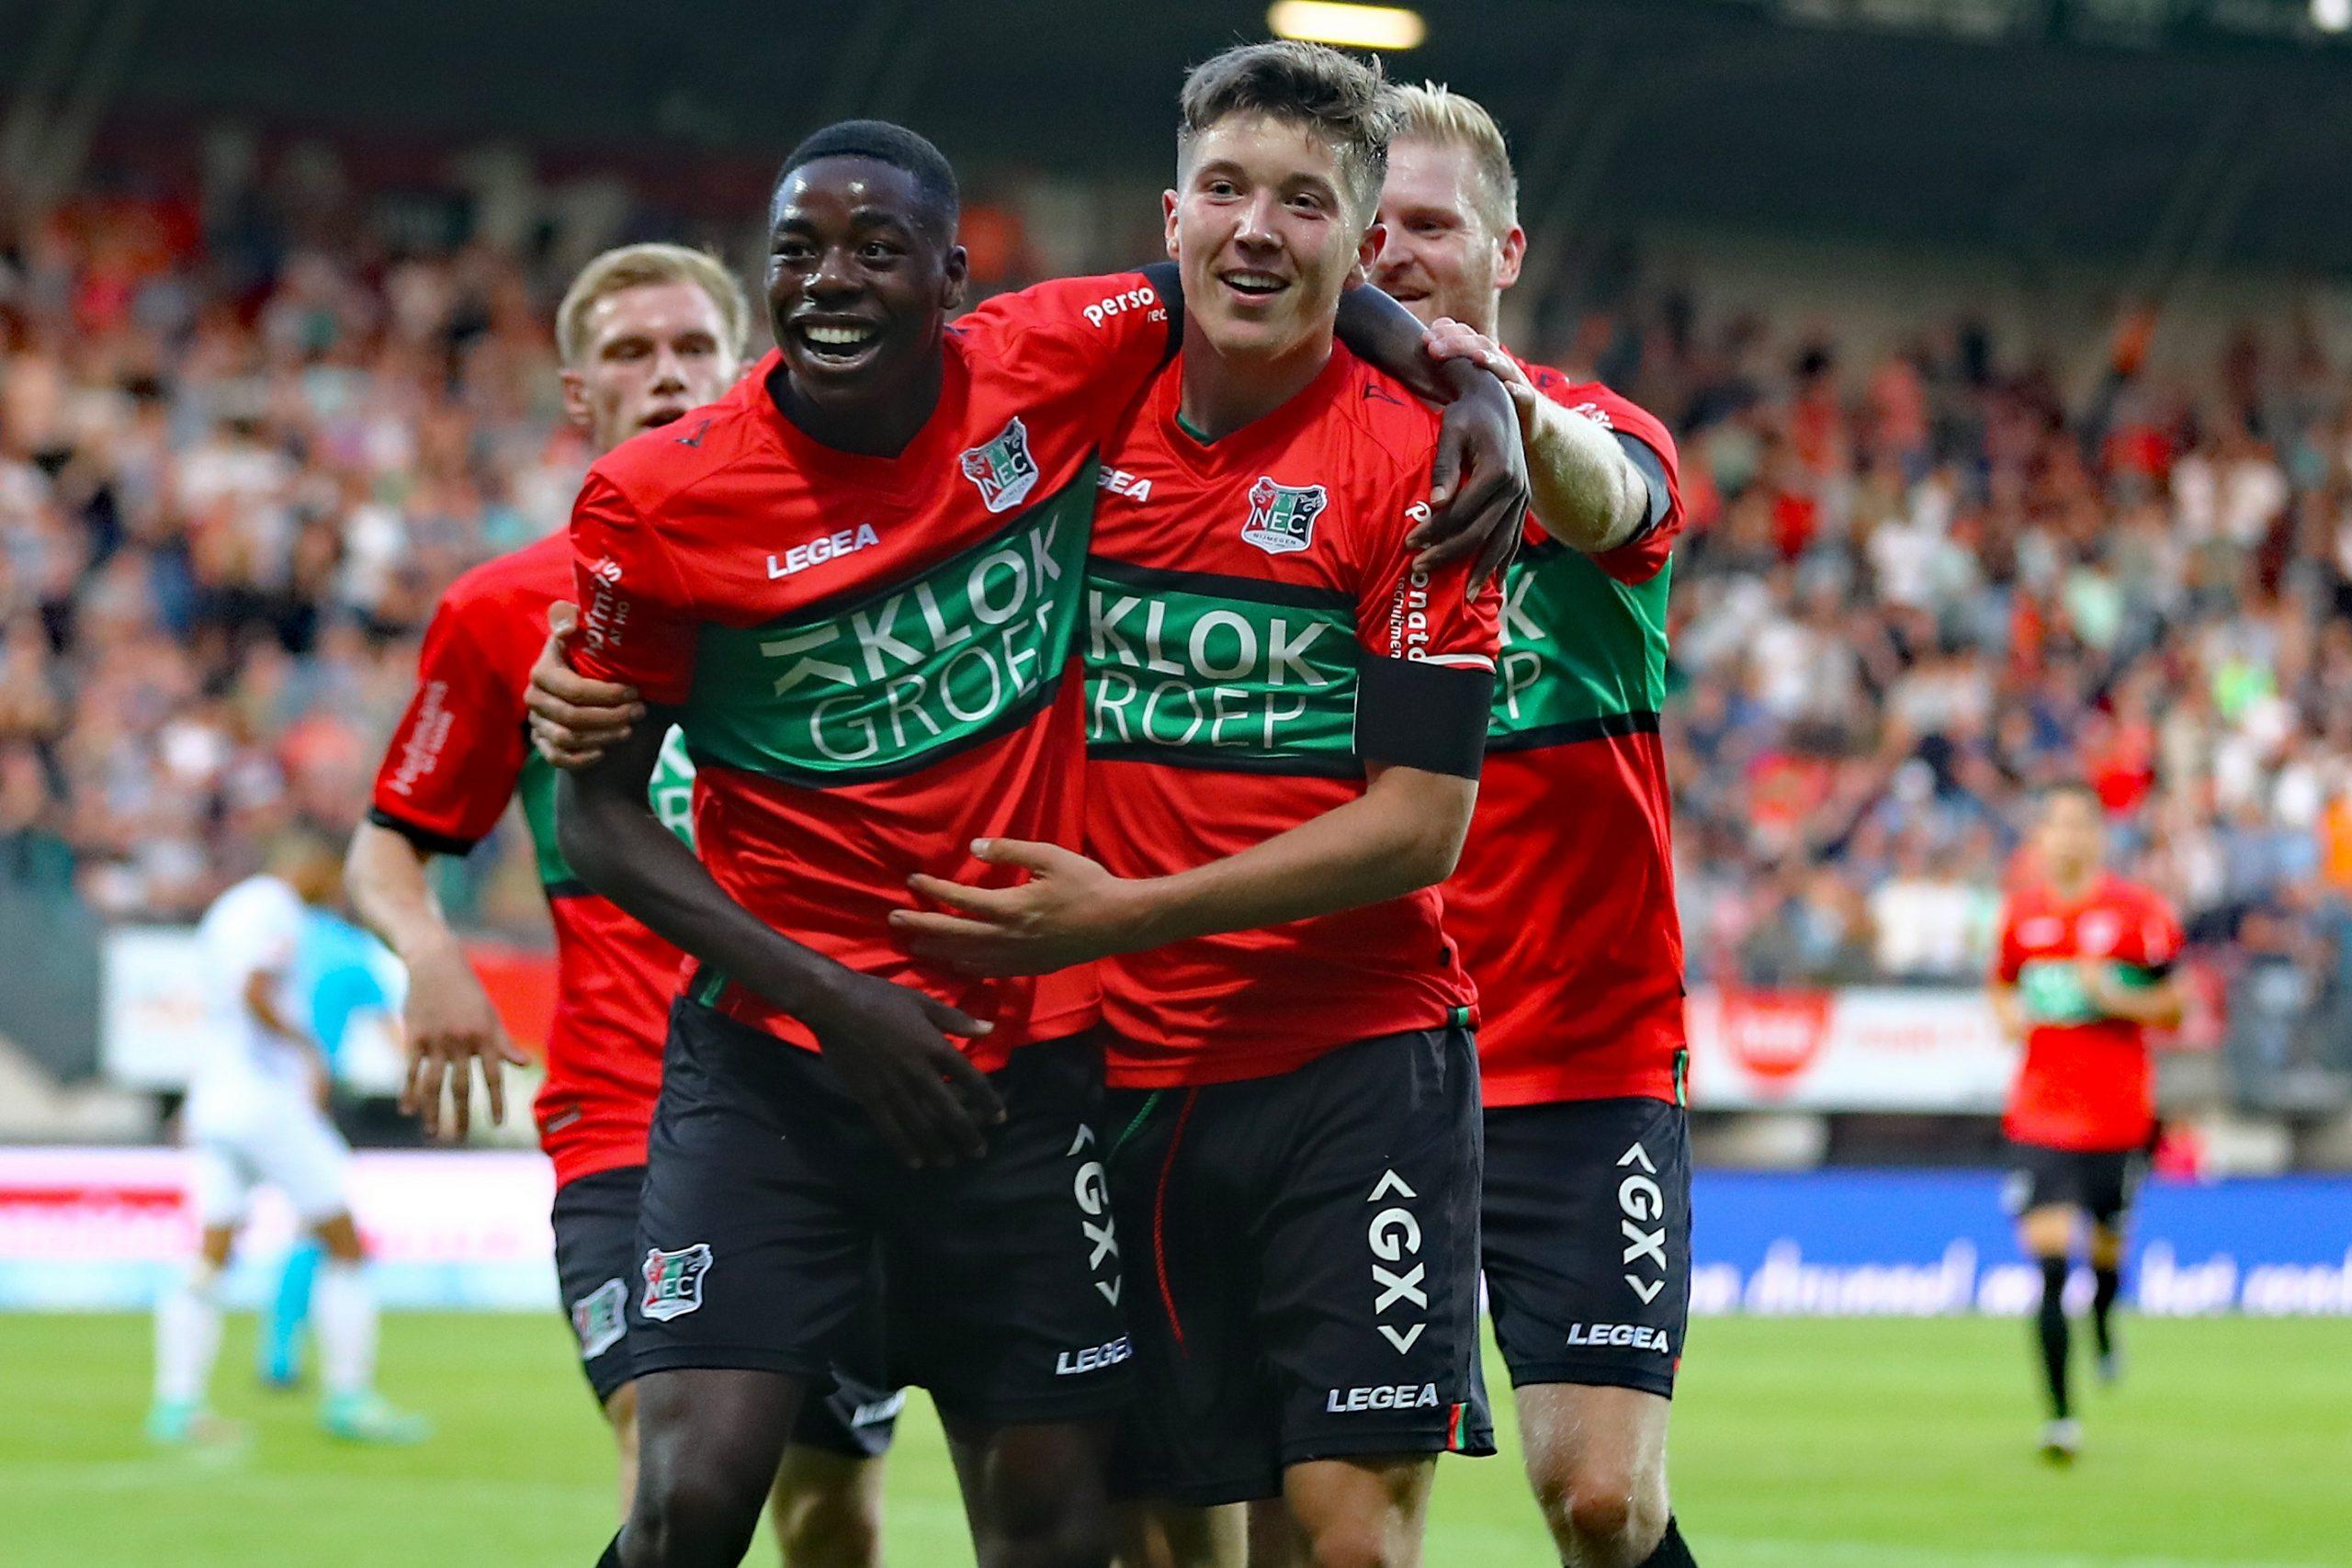 Voorbeschouwing: NEC wacht lastige uitwedstrijd tegen FC Den Bosch